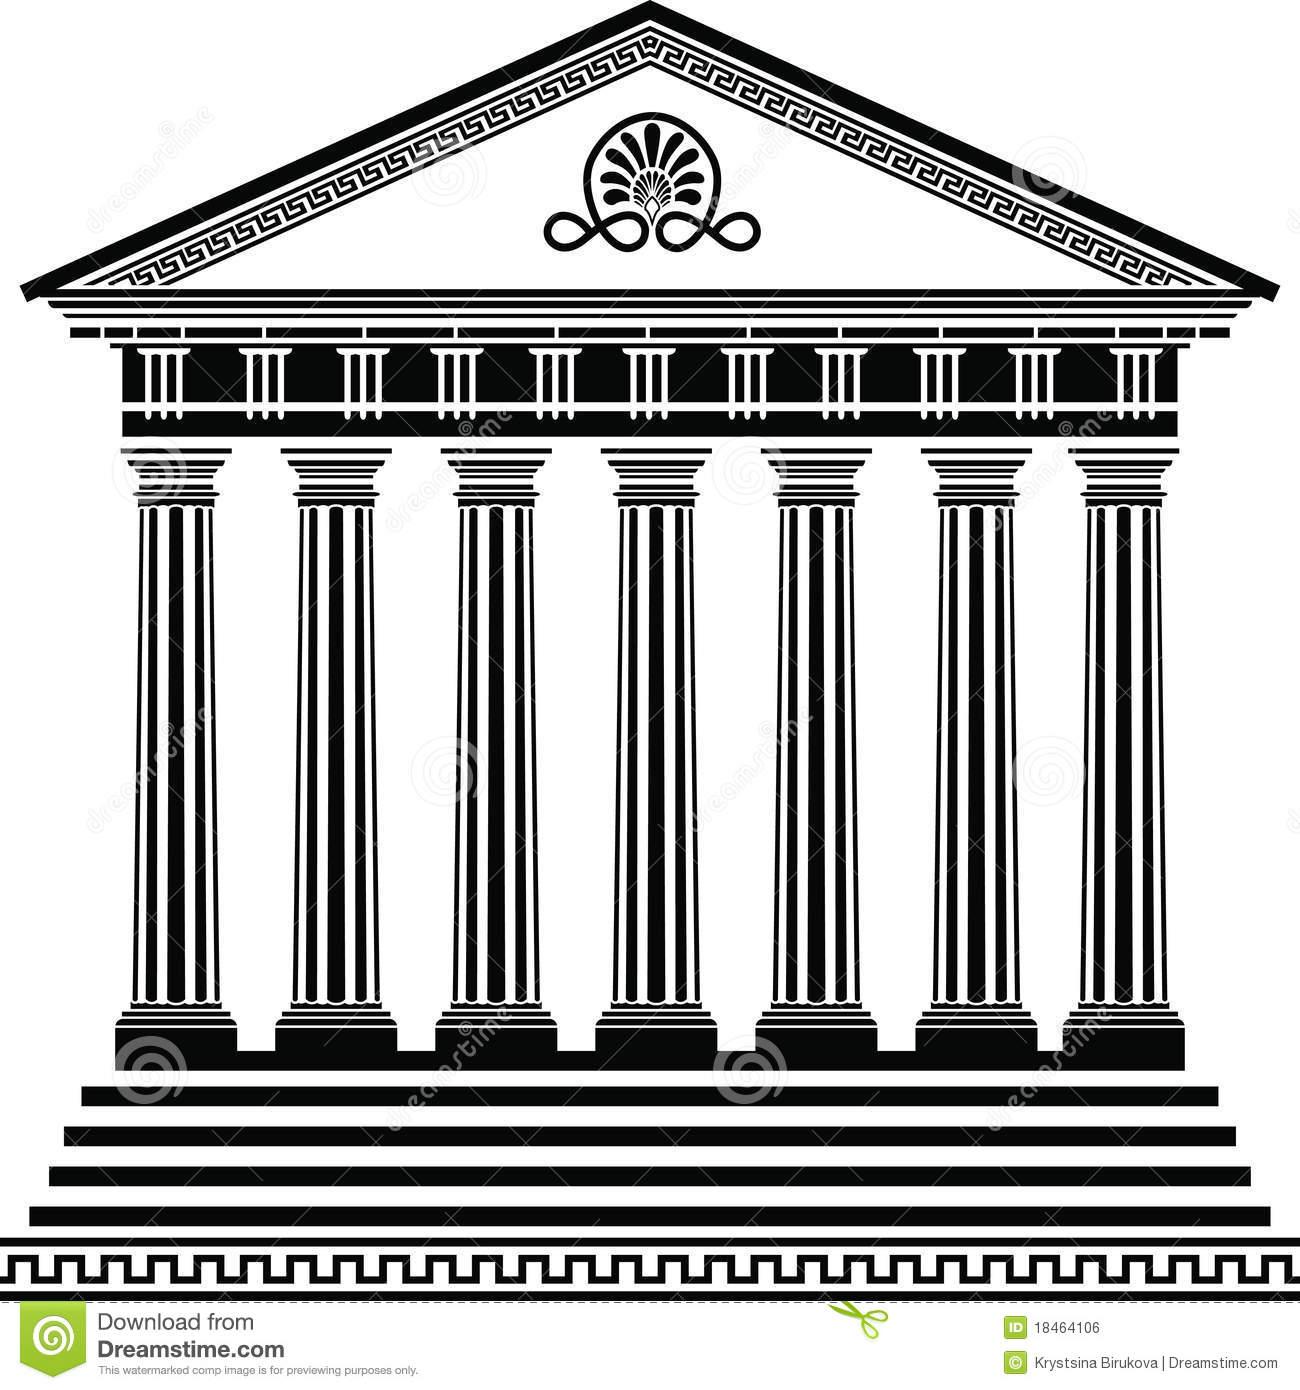 Structure clipart mandir Clipart cliparts Greek Buildings Greek